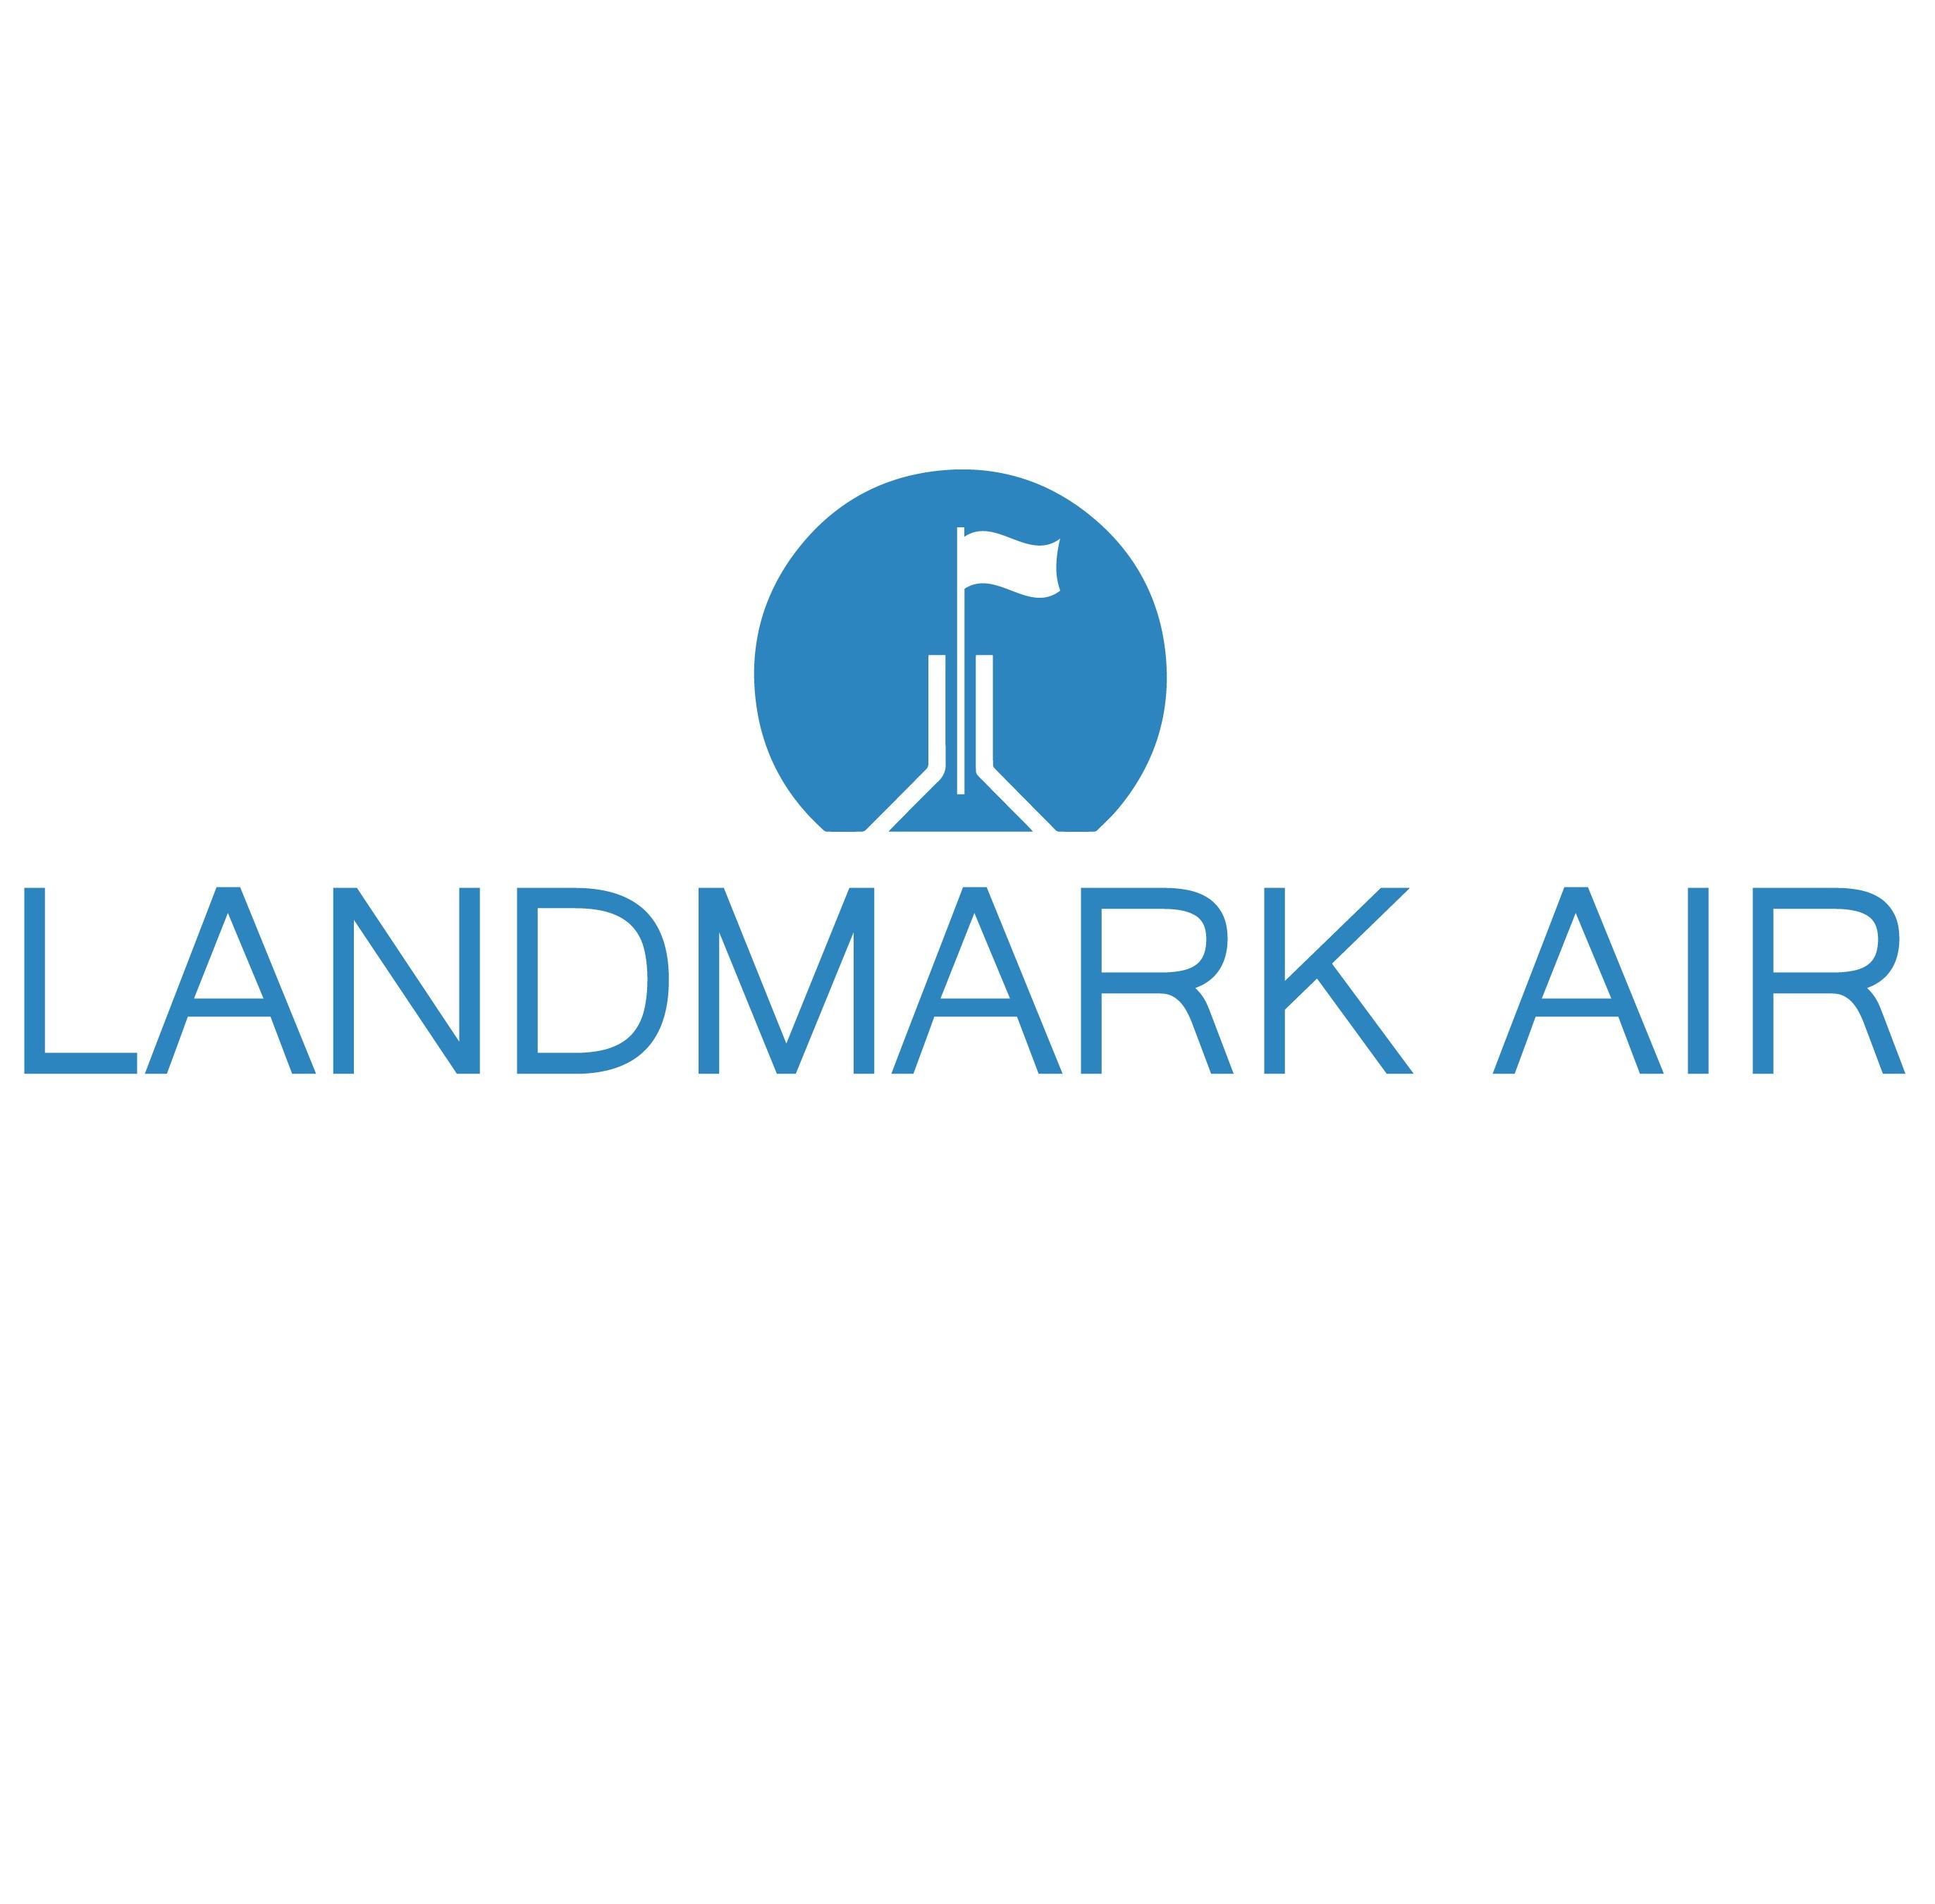 Landmark Air